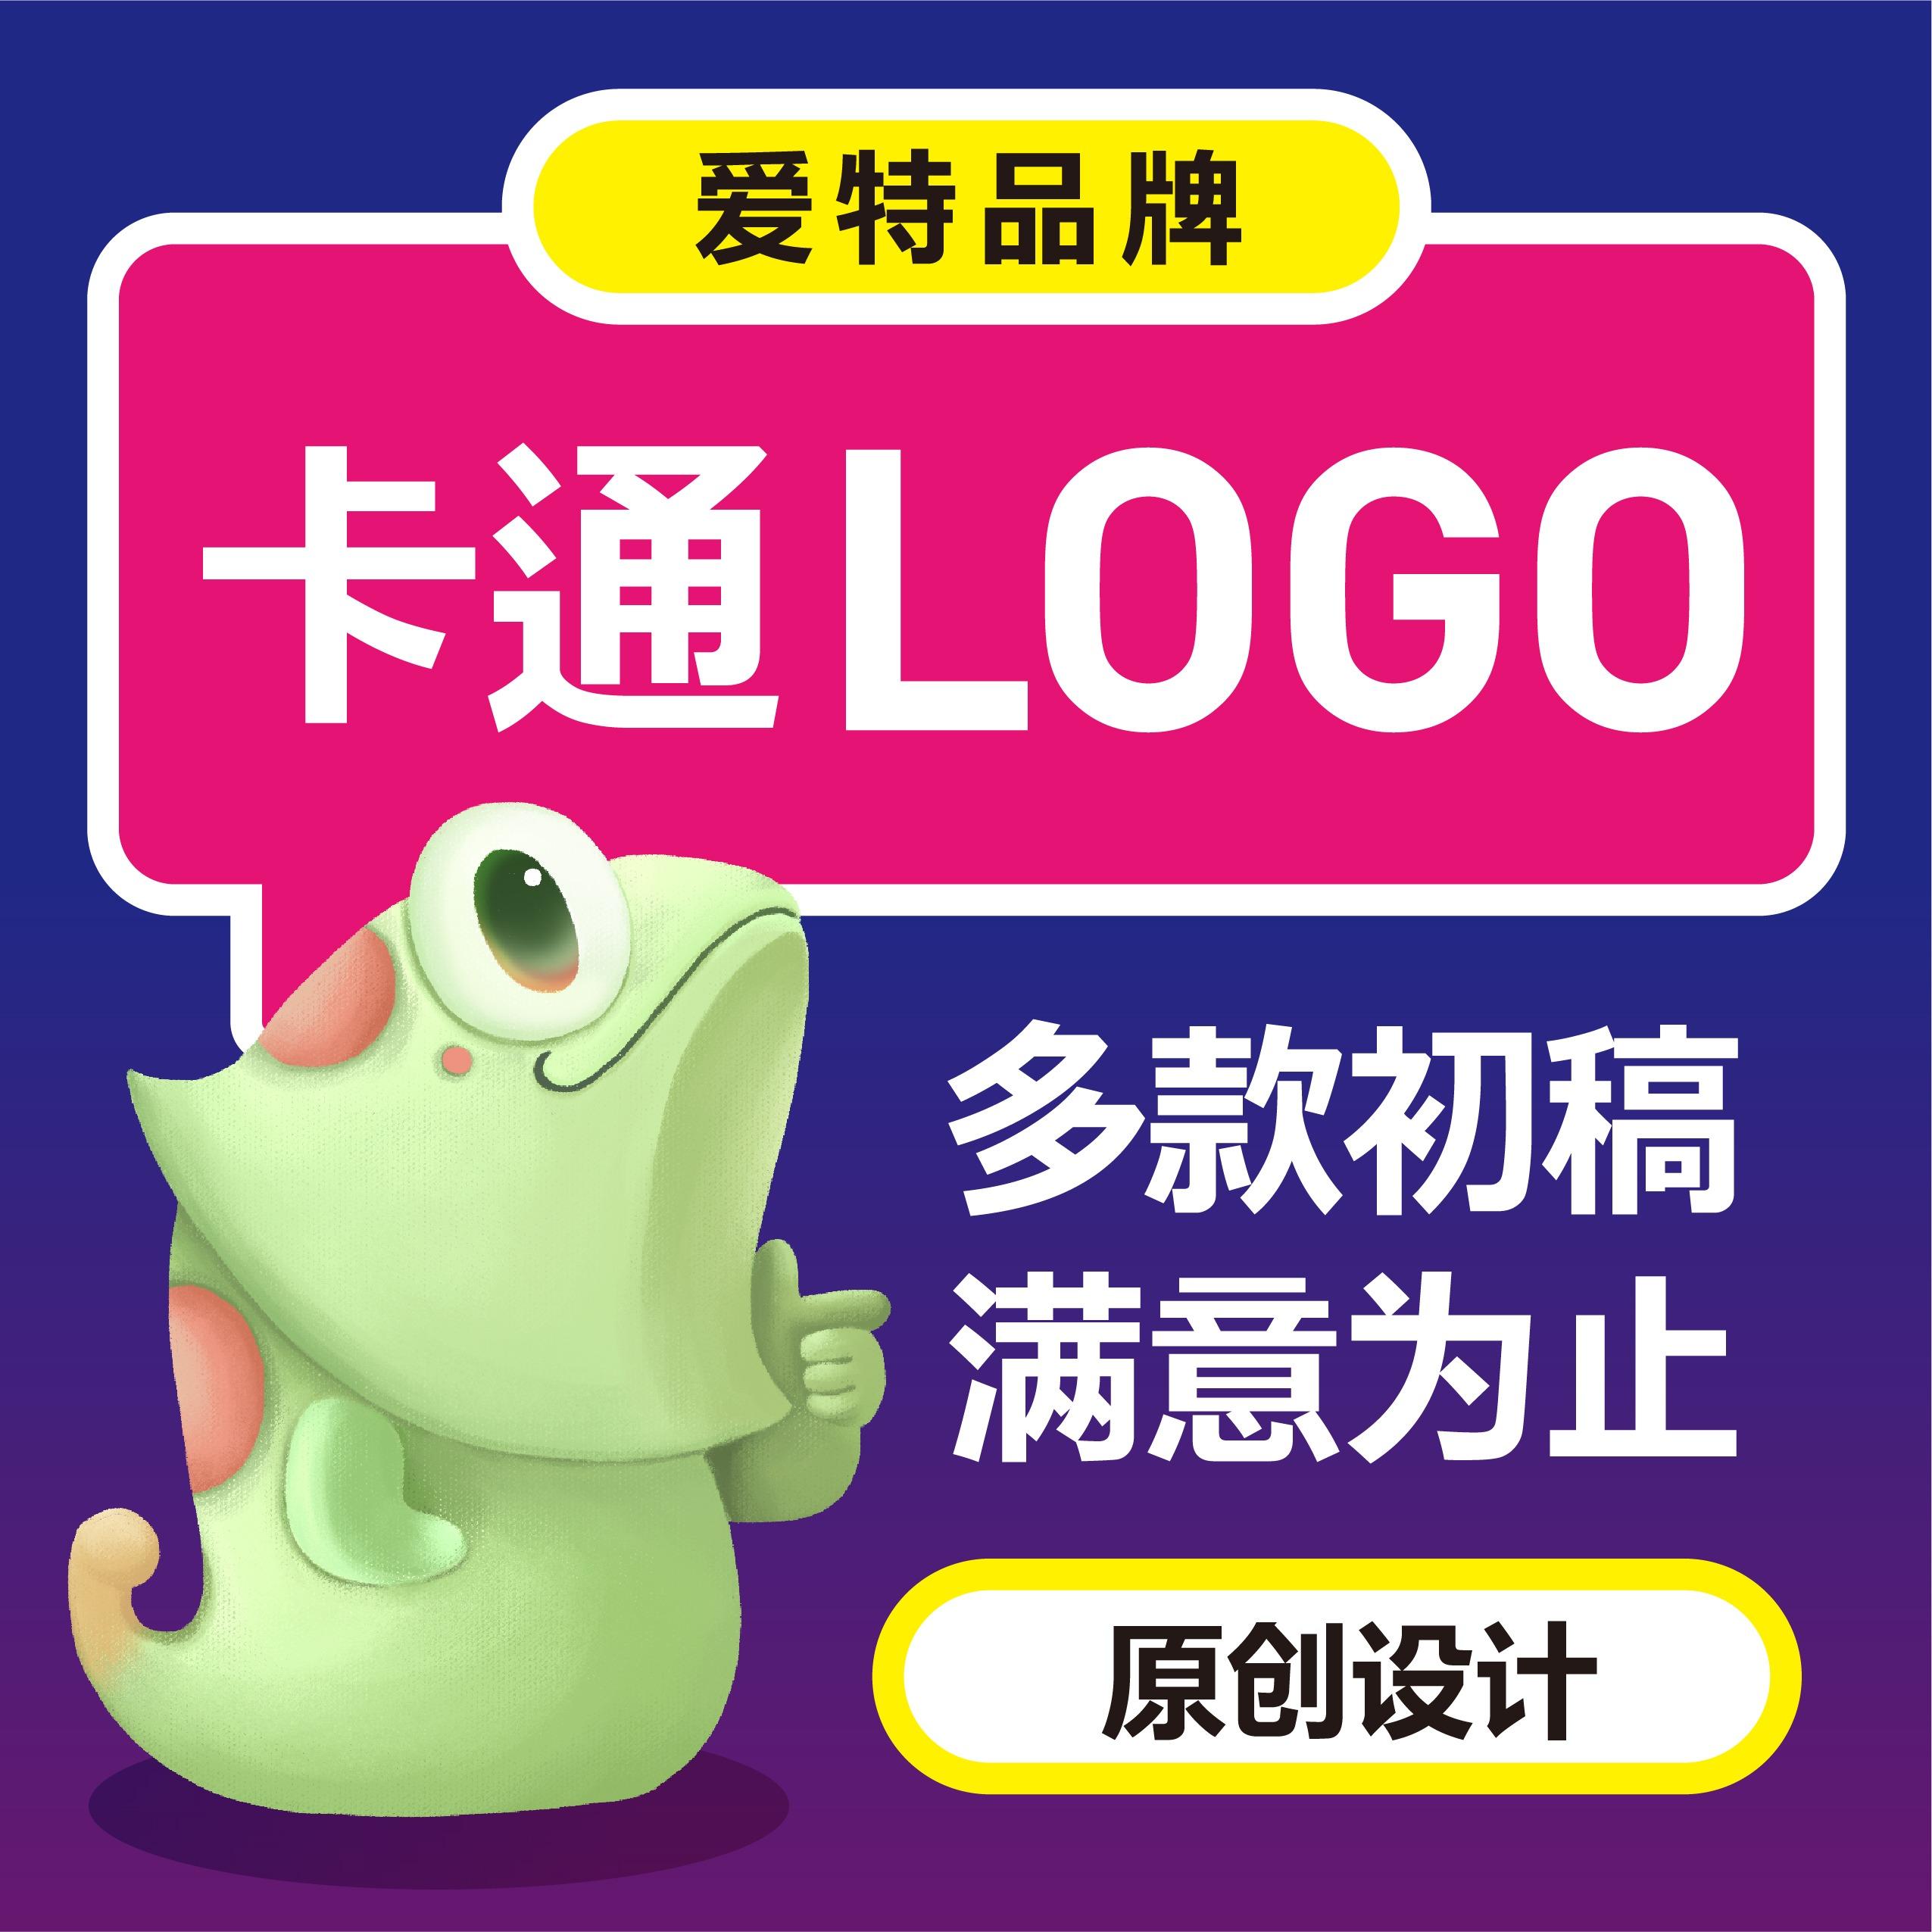 公司logo设计标志设计动态 卡通 logo设计商标设计文创设计